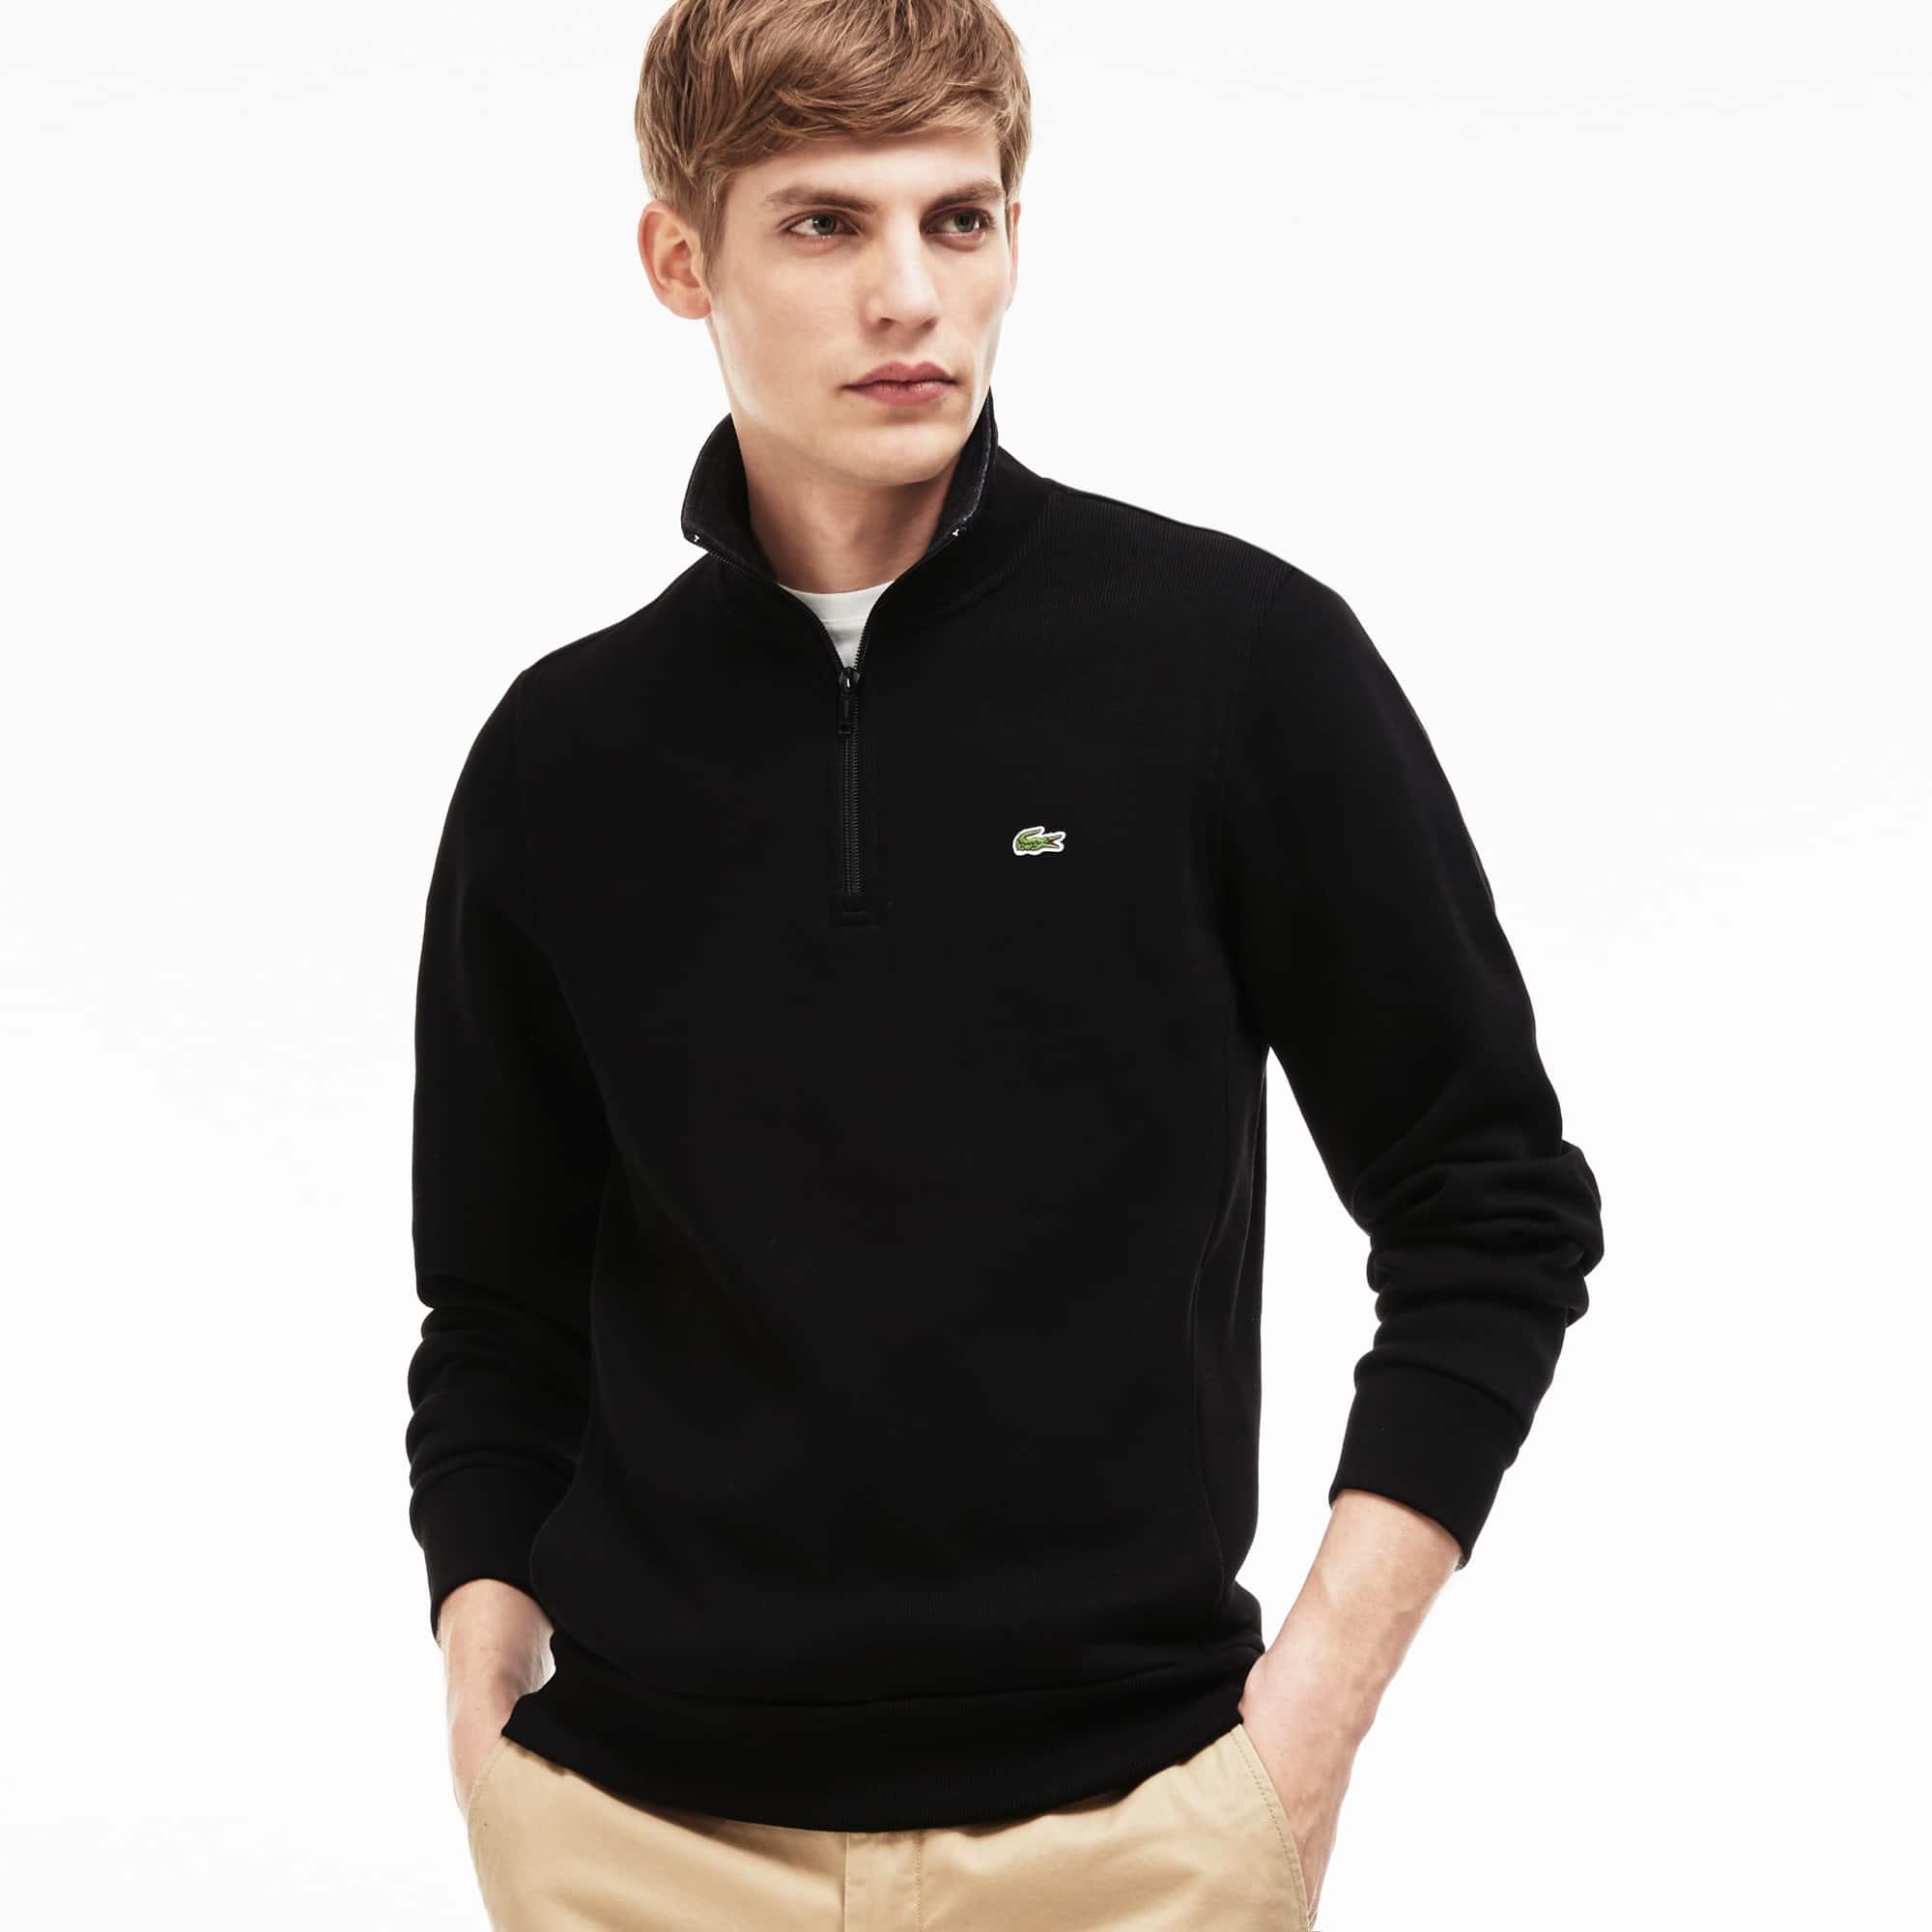 Men's Stand Up Collar Sweatshirt